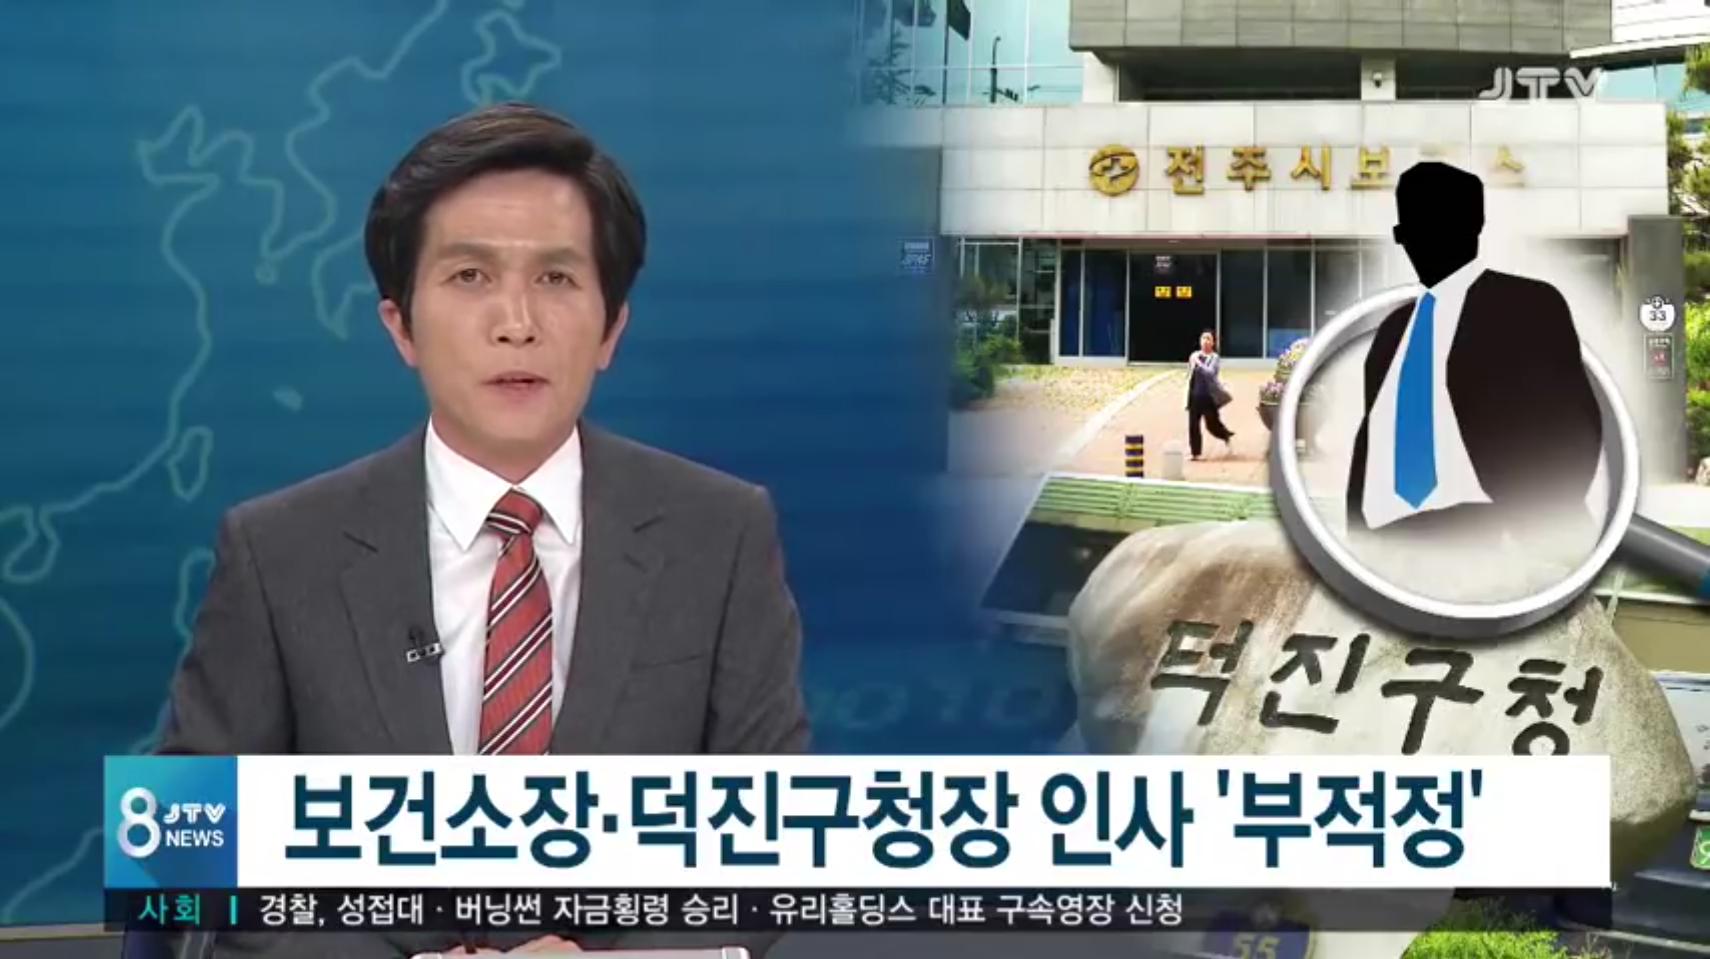 [19.5.7 JTV] 김승수 전주시장 고교선배 4급 특별승진9.png